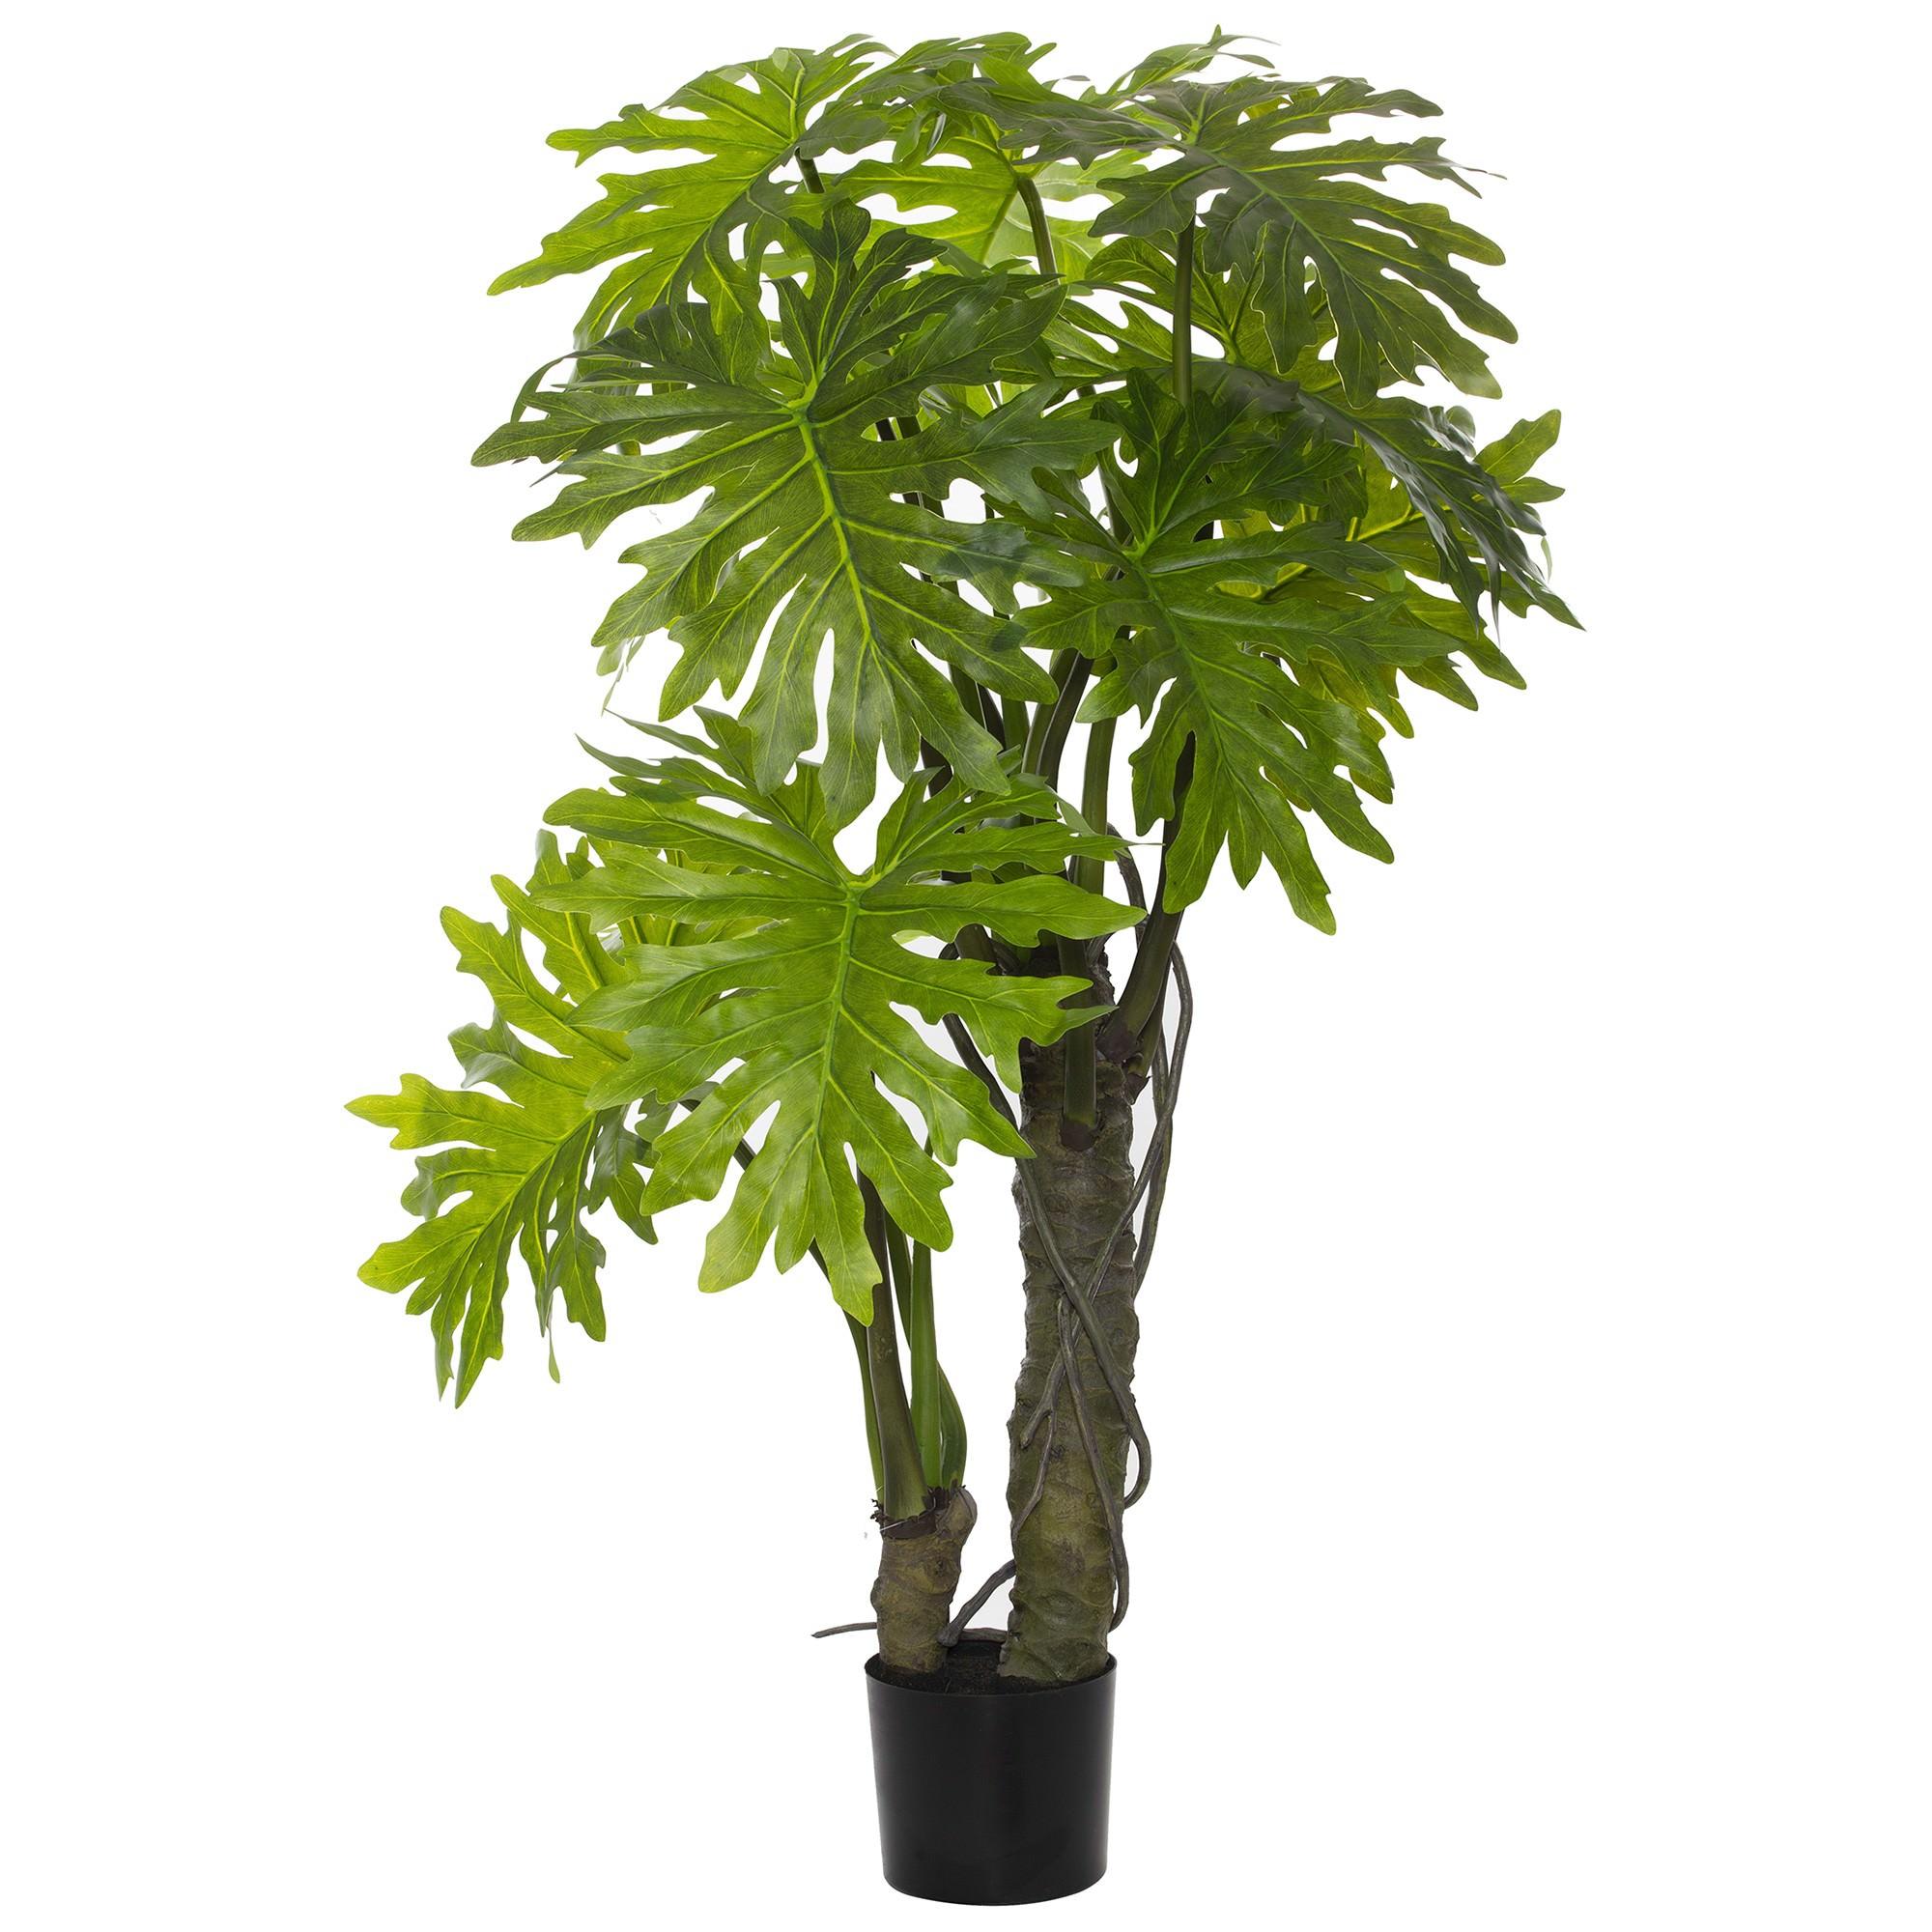 Potted Artificial Monstera Deliciosa Plant, 150cm